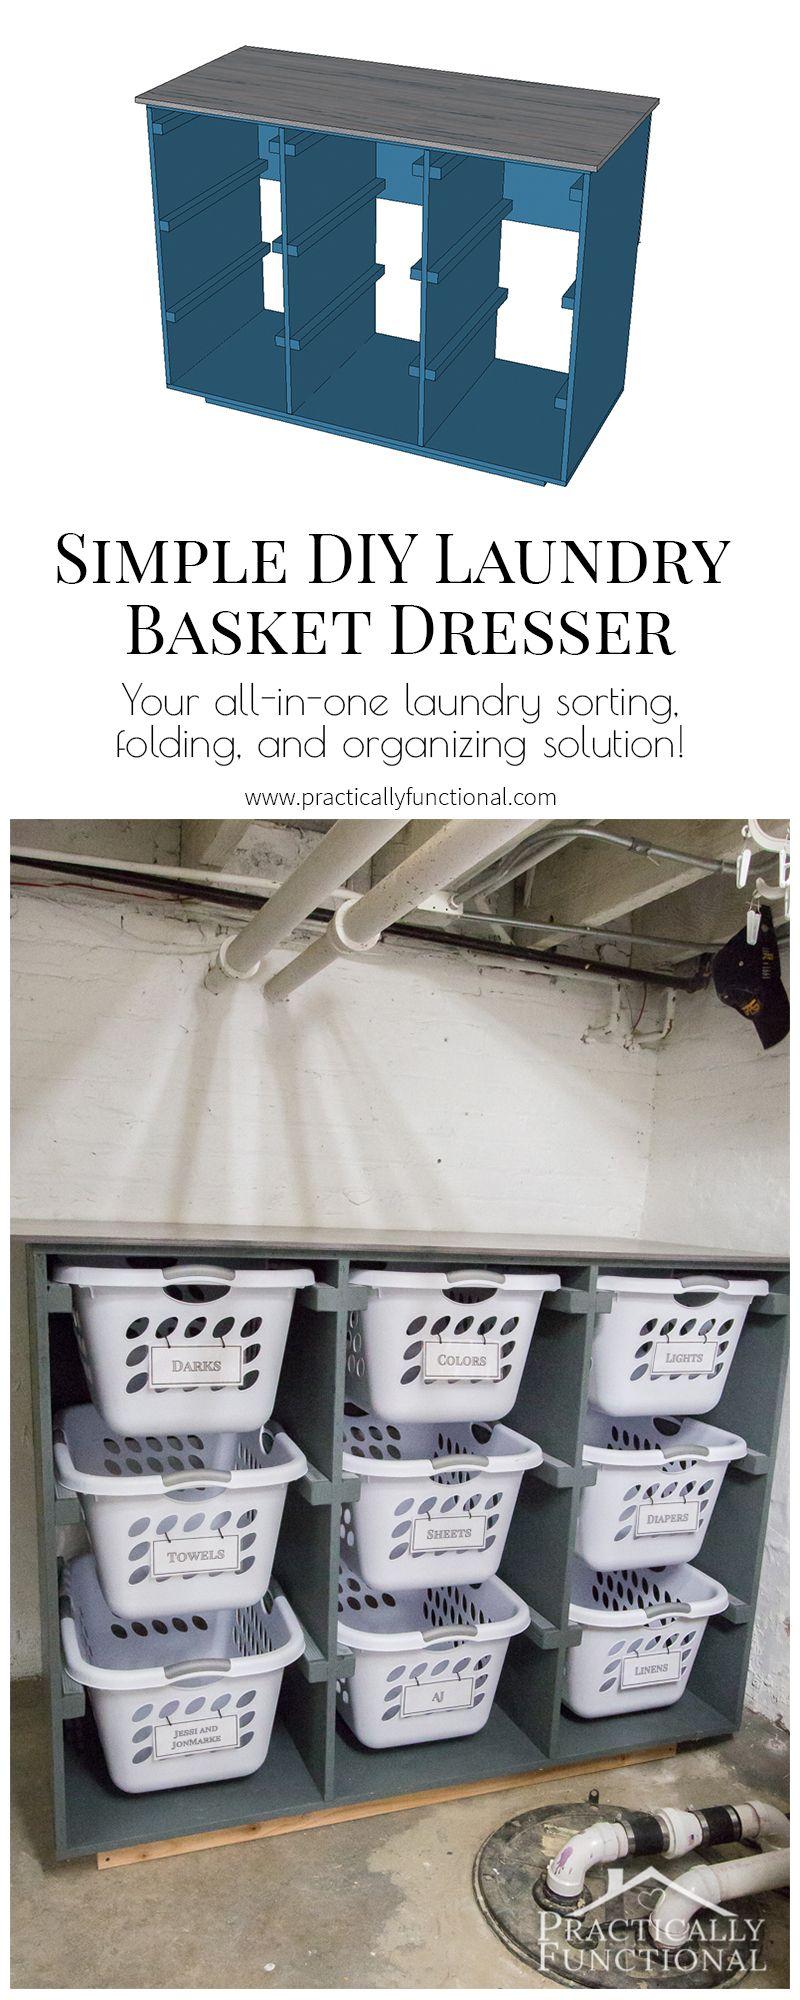 Simple Diy Laundry Basket Dresser Laundry Basket Dresser